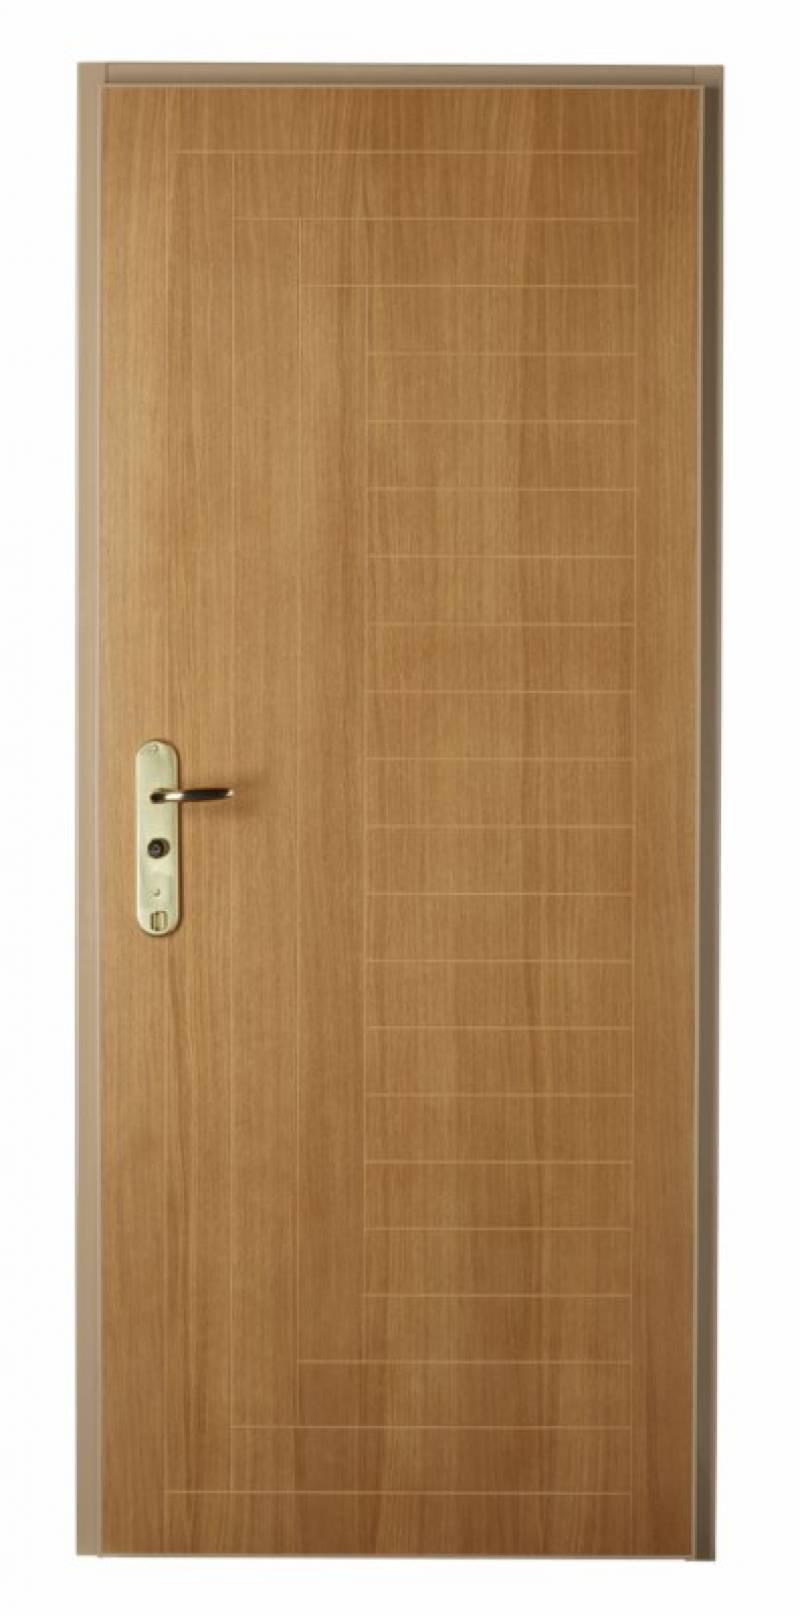 Portes pali res masters menuisiers dans le var pacales for Remplacement porte interieur